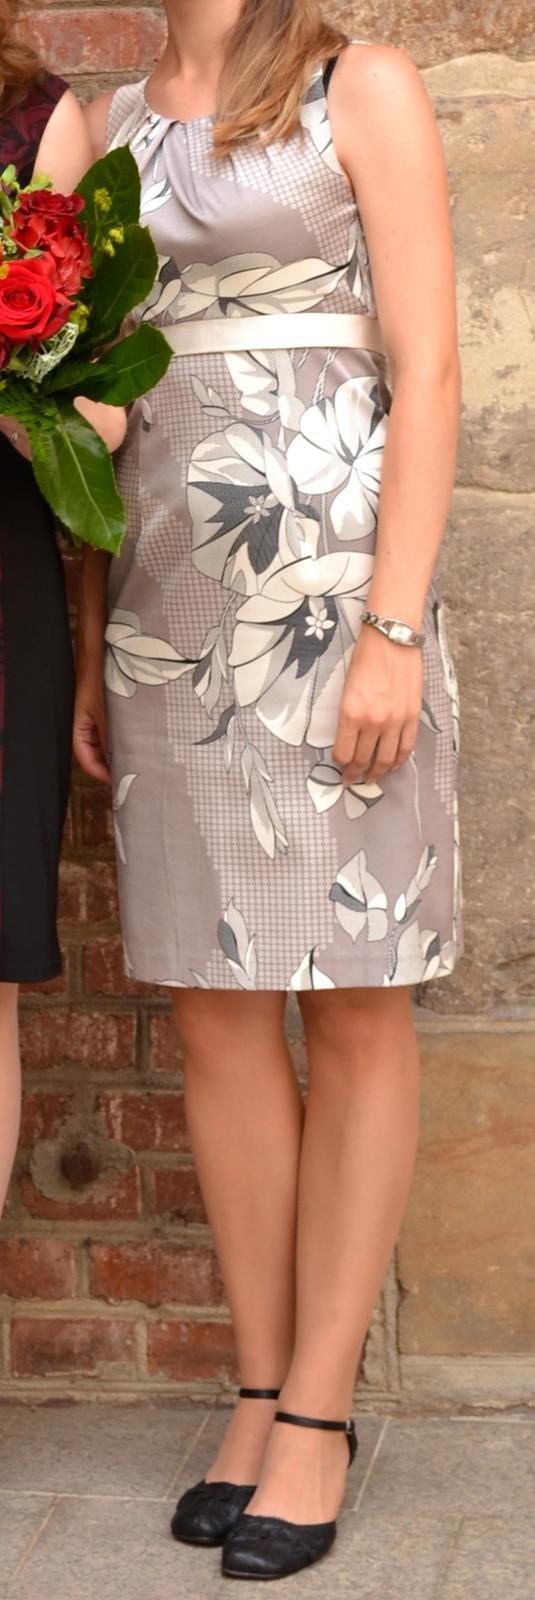 Smetanové šaty s květy - Obrázek č. 1